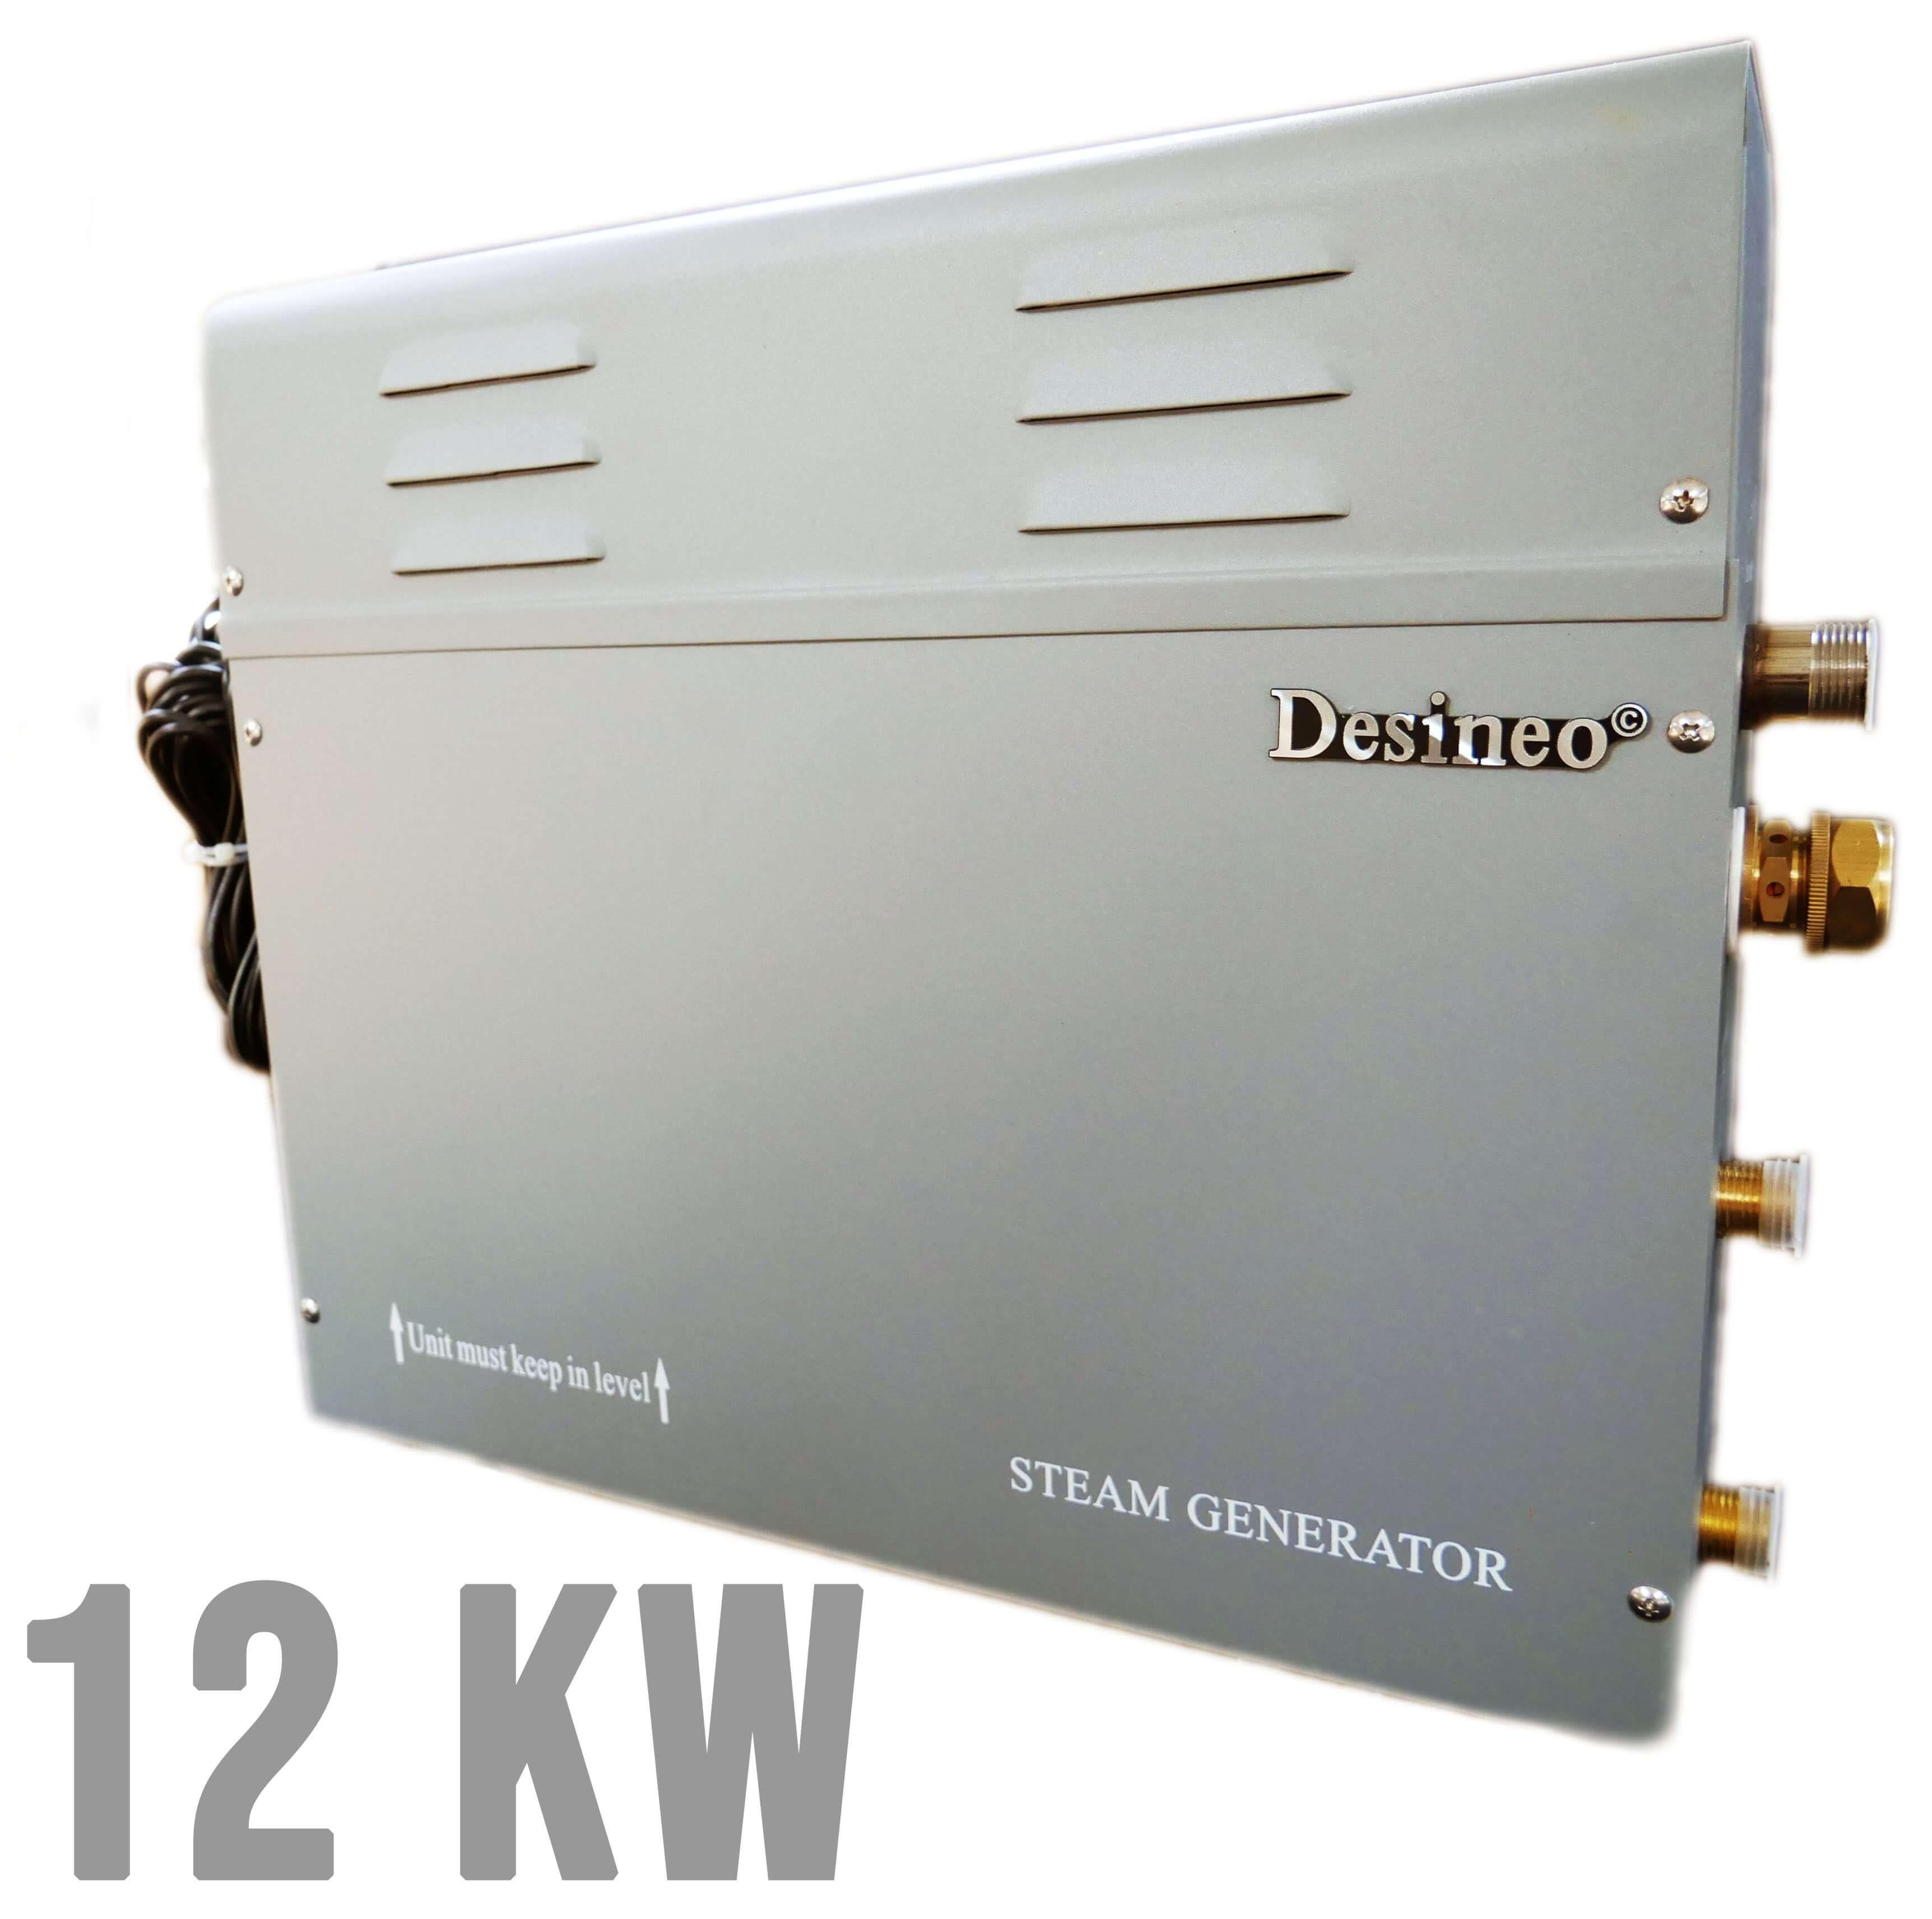 12Kw for steam Desineo steam generator